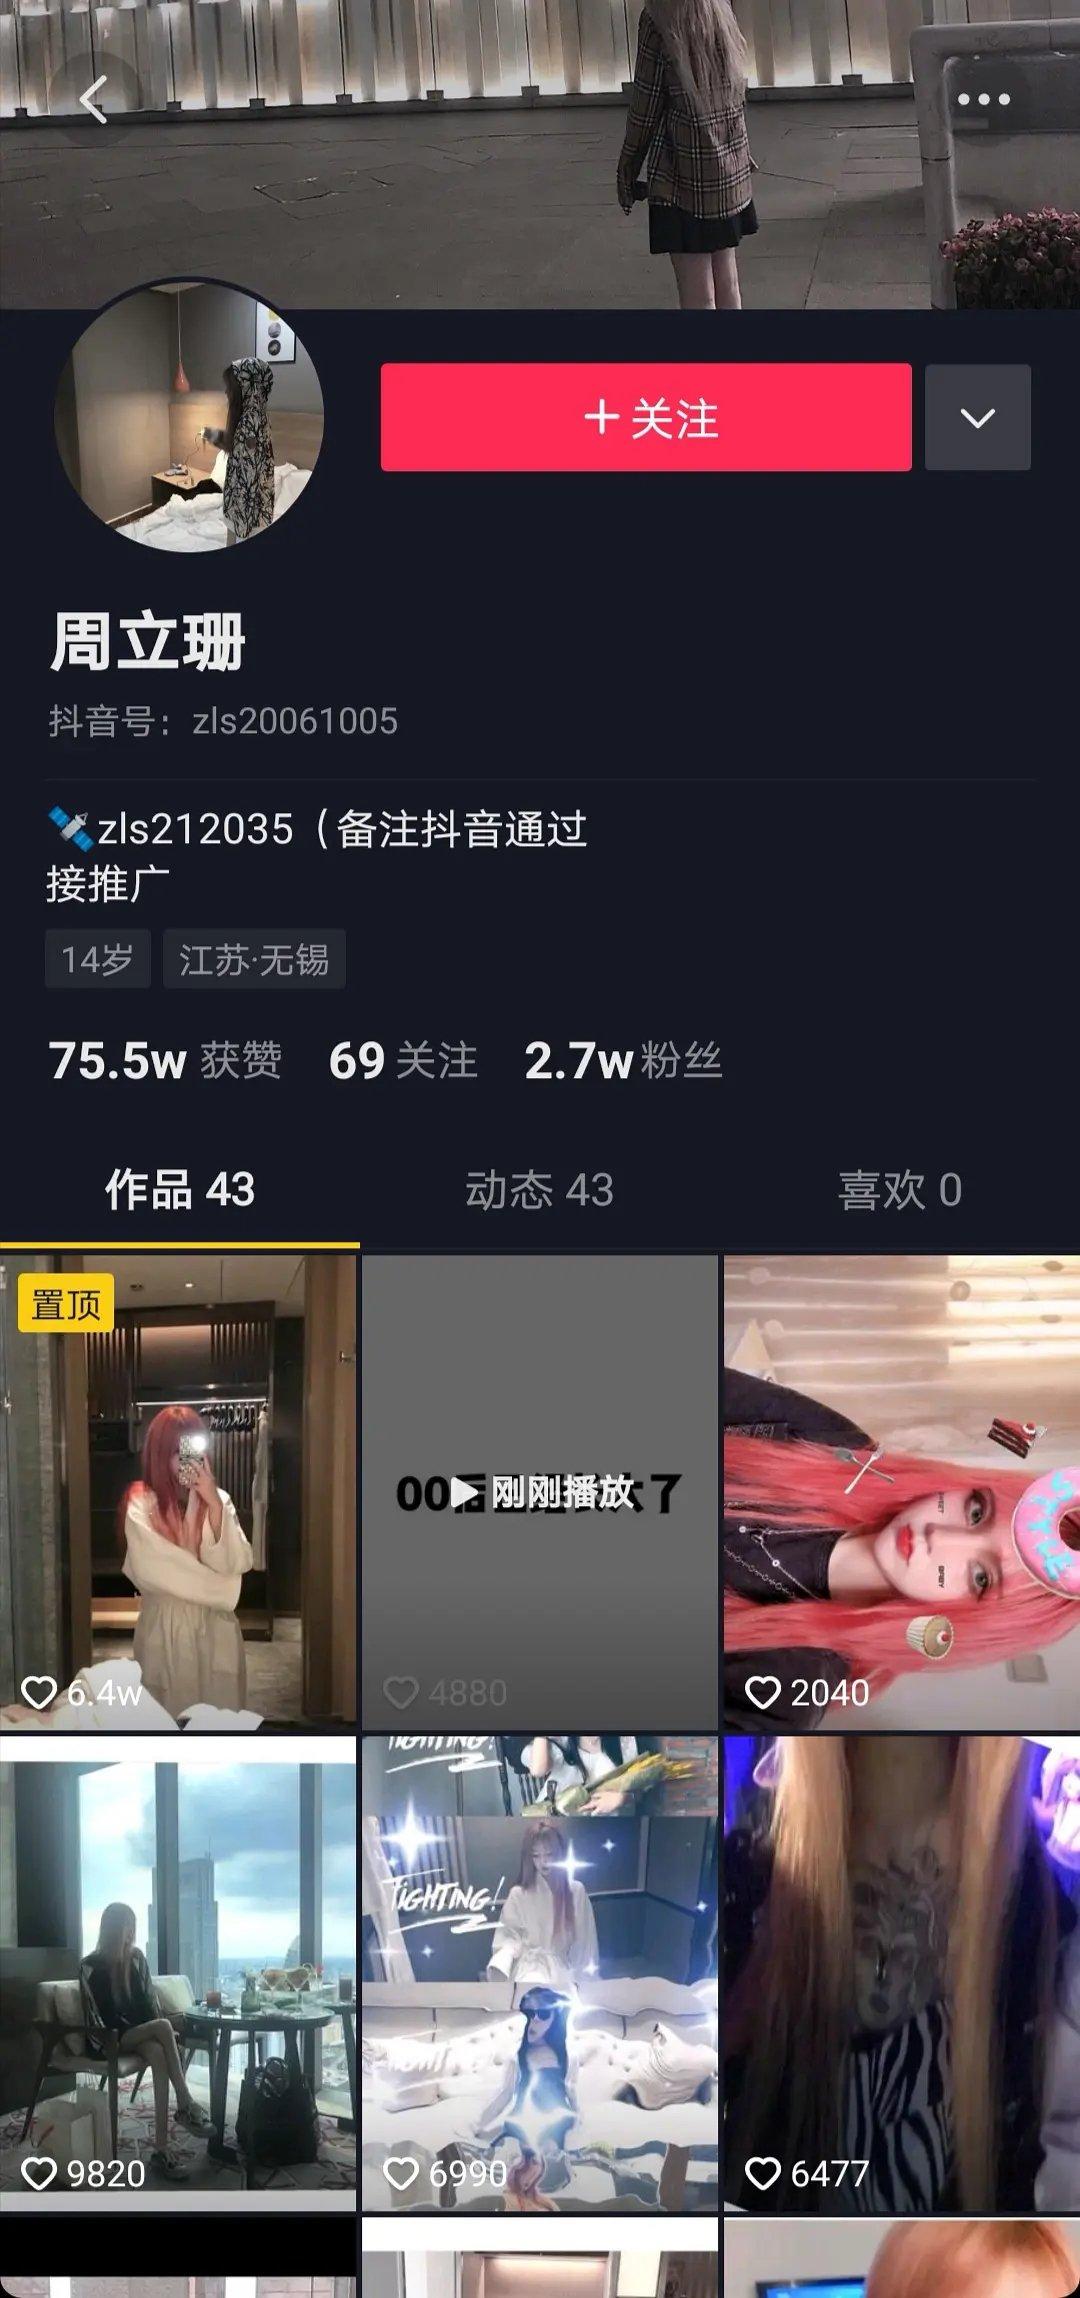 【门事件】周立珊十四岁赚40万,徐州周立珊露天战